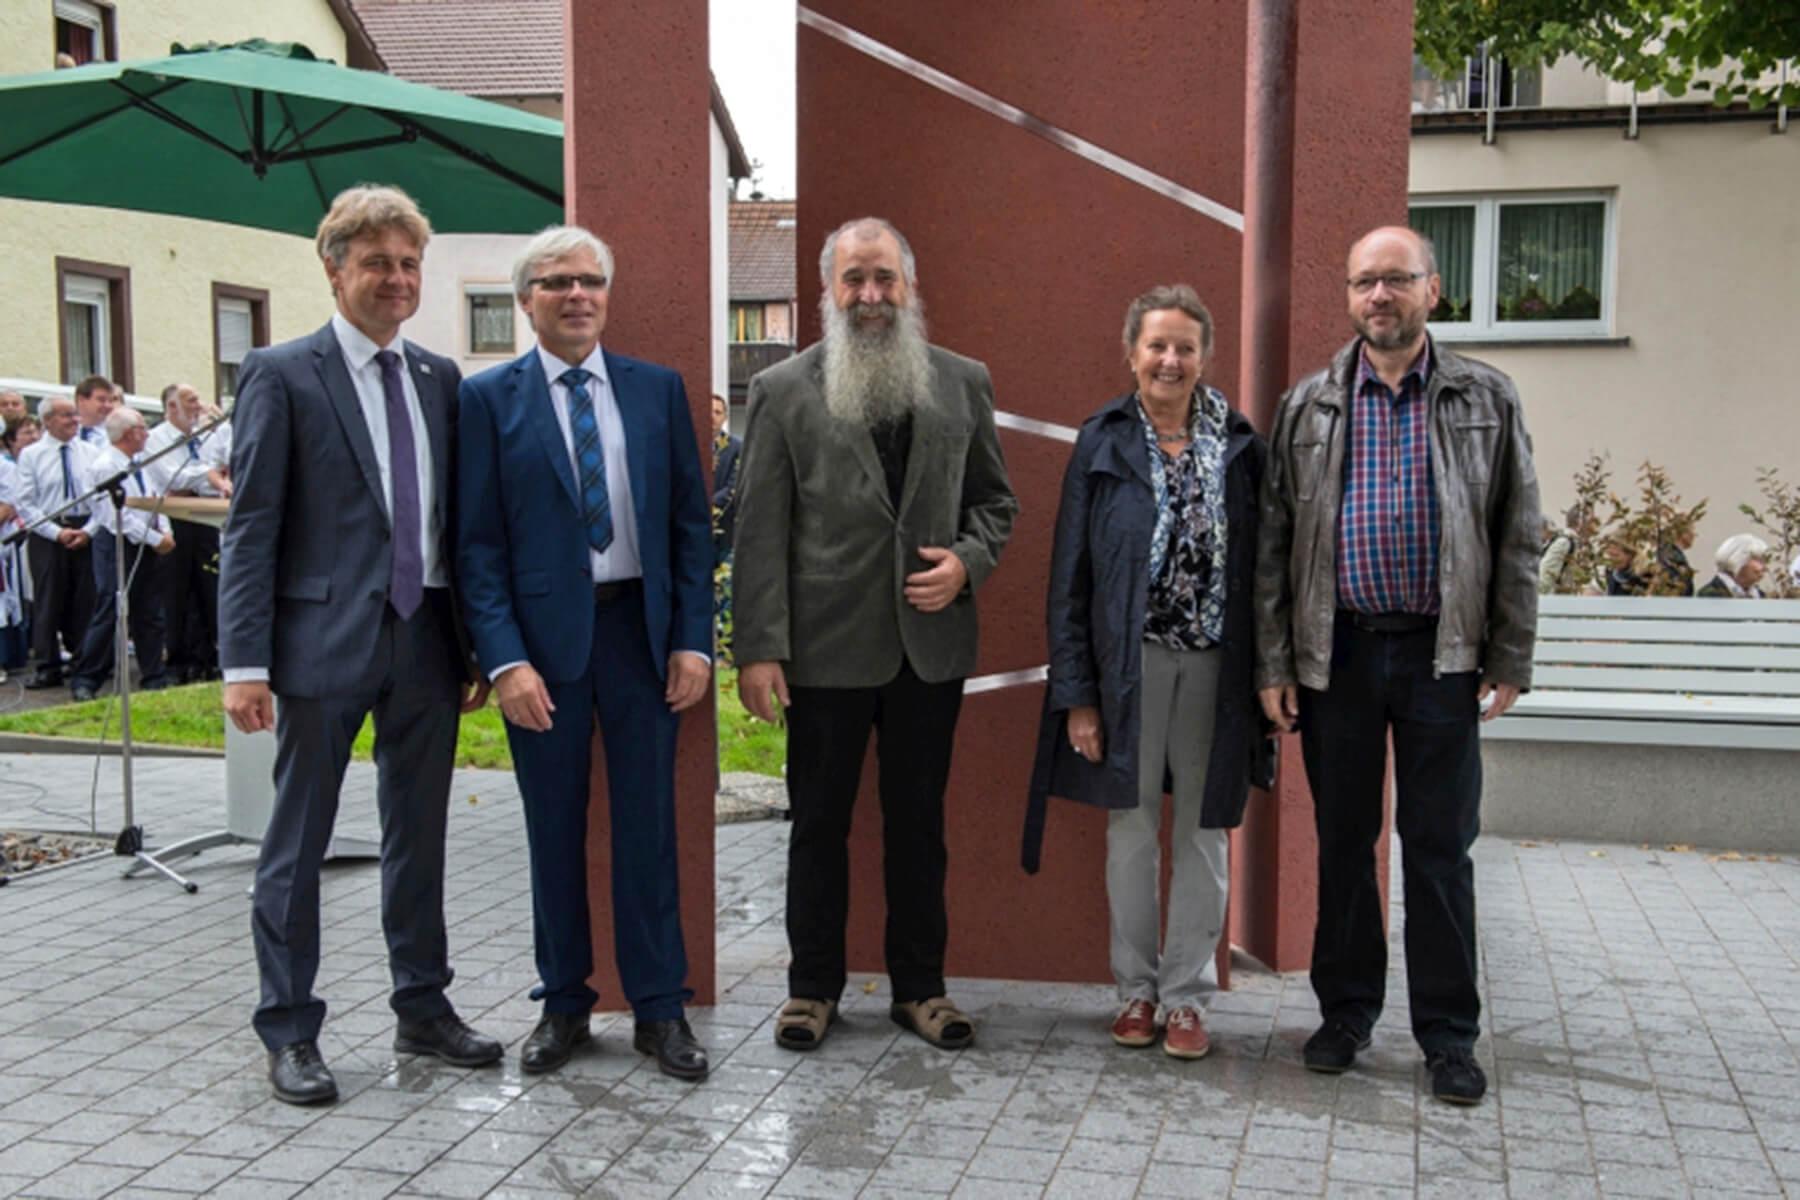 Barbara Jäger OMI Riesterer Gemeinsame öffentliche Werke Waldenser Denkmal Karlsruhe Palmbach Frank Mentrup